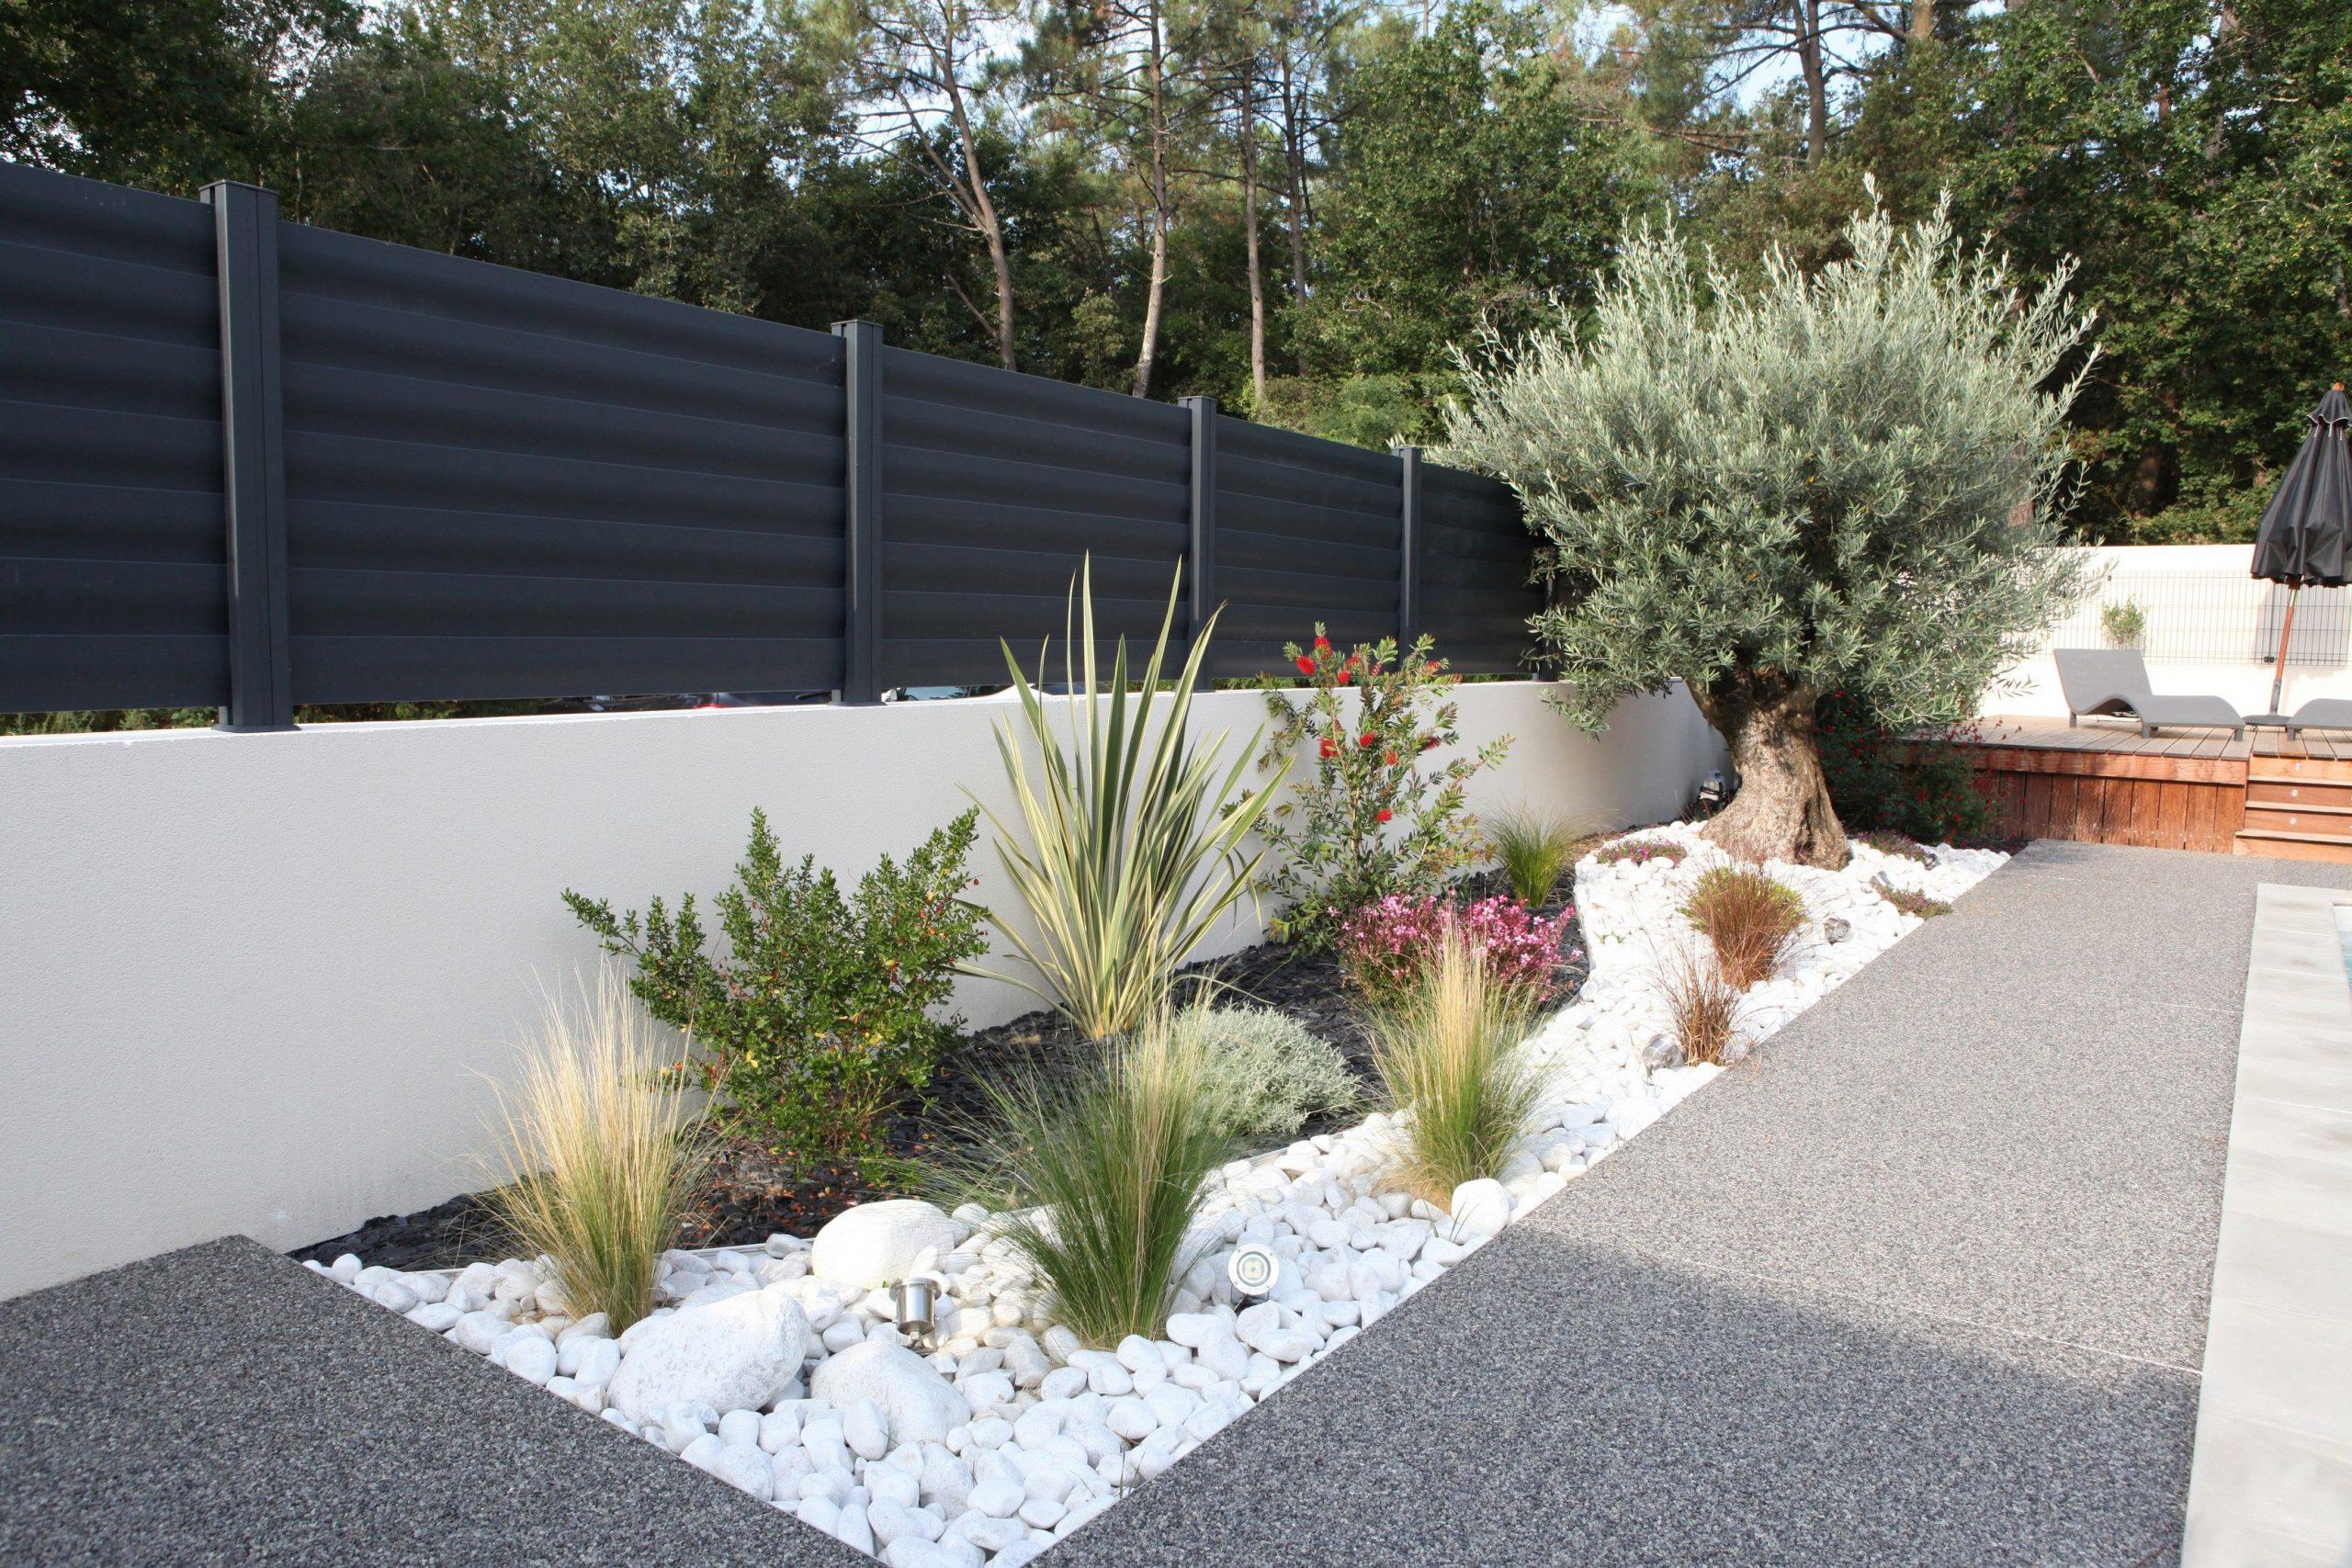 Clôtures Aluminium Modèle Brise Vue #menuiserie #cloturel ... destiné Deco Jardin Exterieur